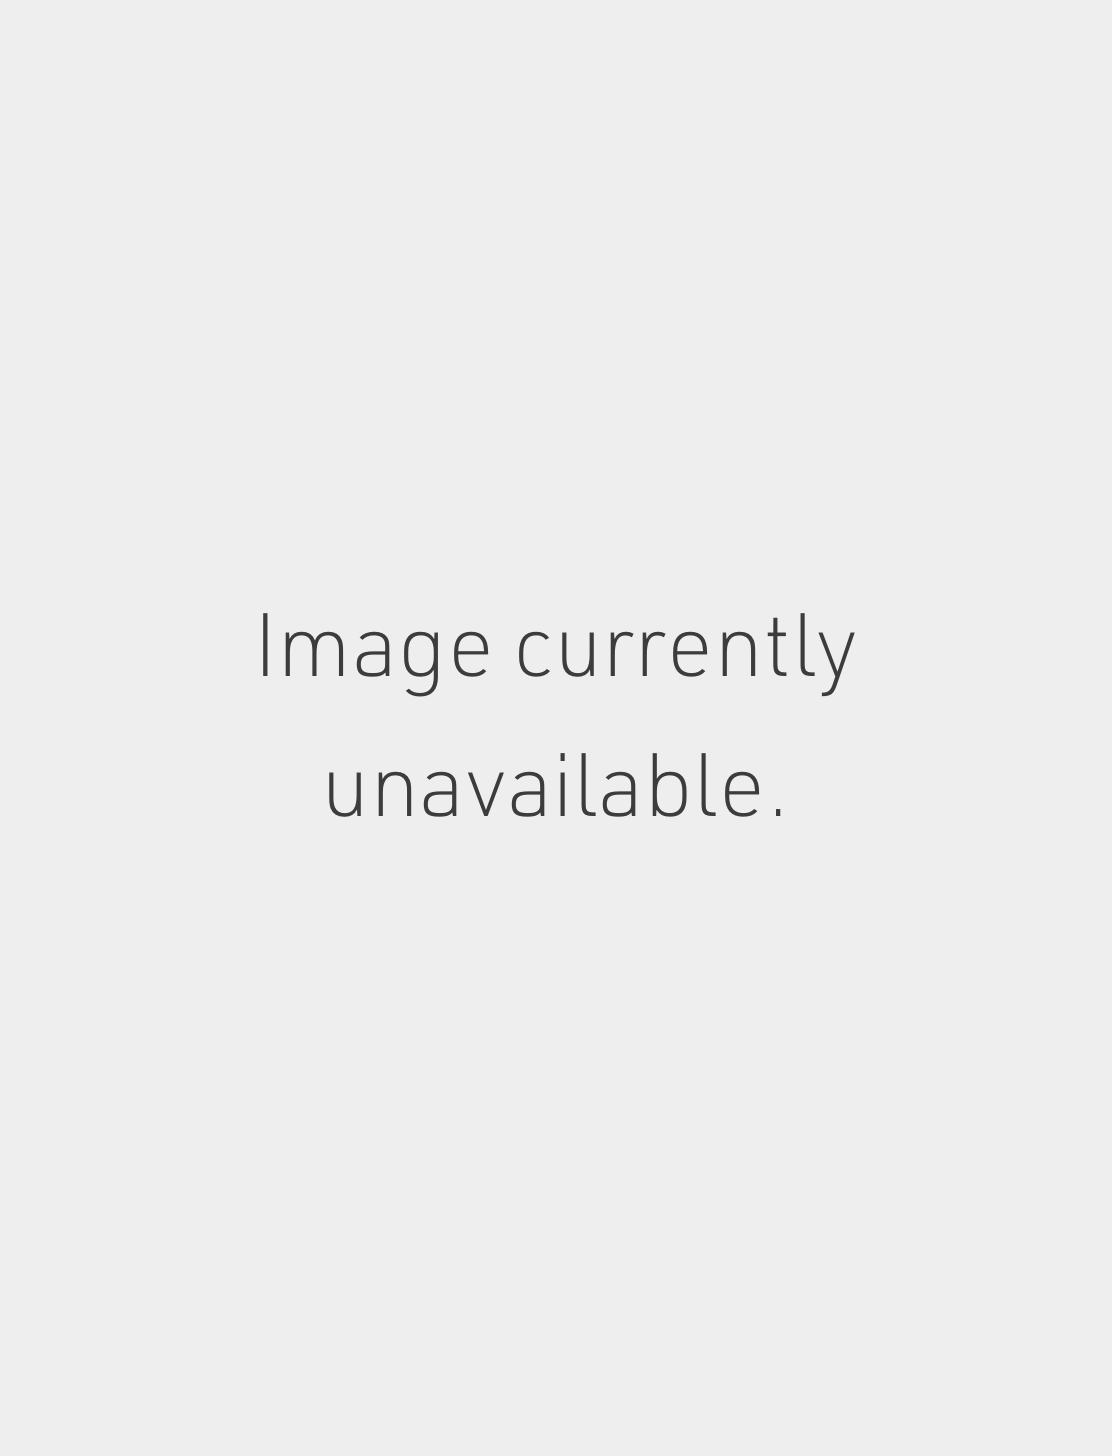 """5/16"""" White and Black Diamond Ouroboros Ring - WHITE GOLD Image #2"""